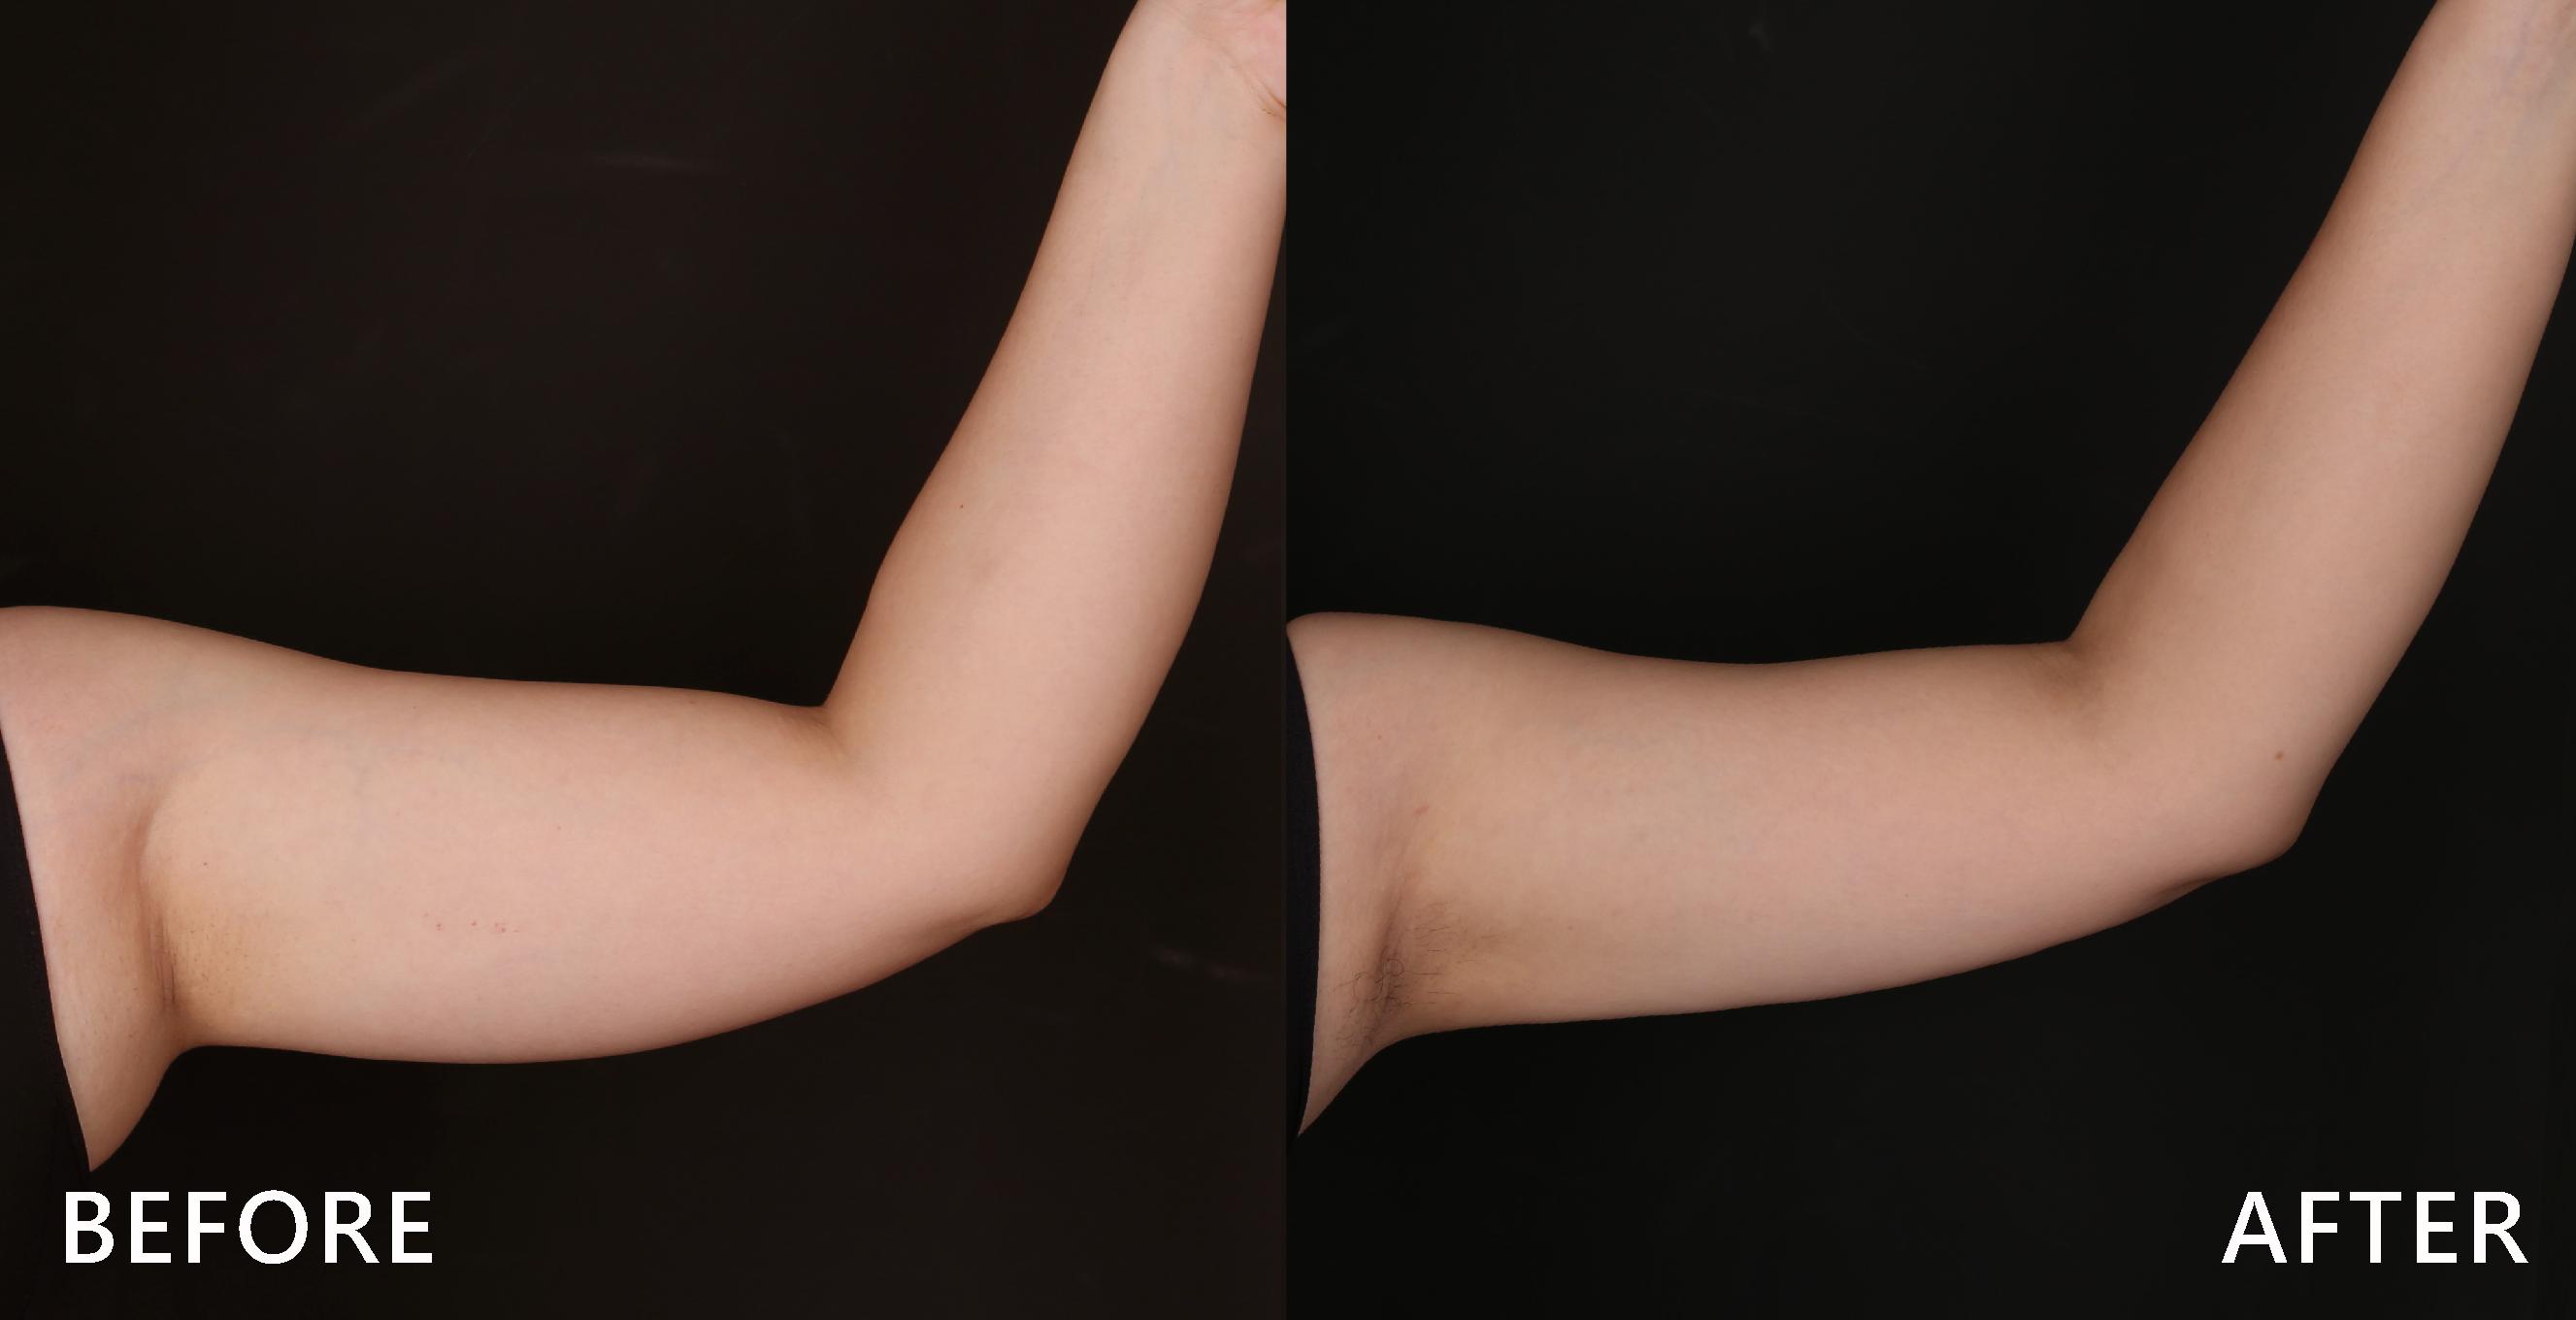 粗壯的手臂也能透過冷凍減脂雕塑,讓可怕的掰掰袖消失於無形。(效果因個案而異)